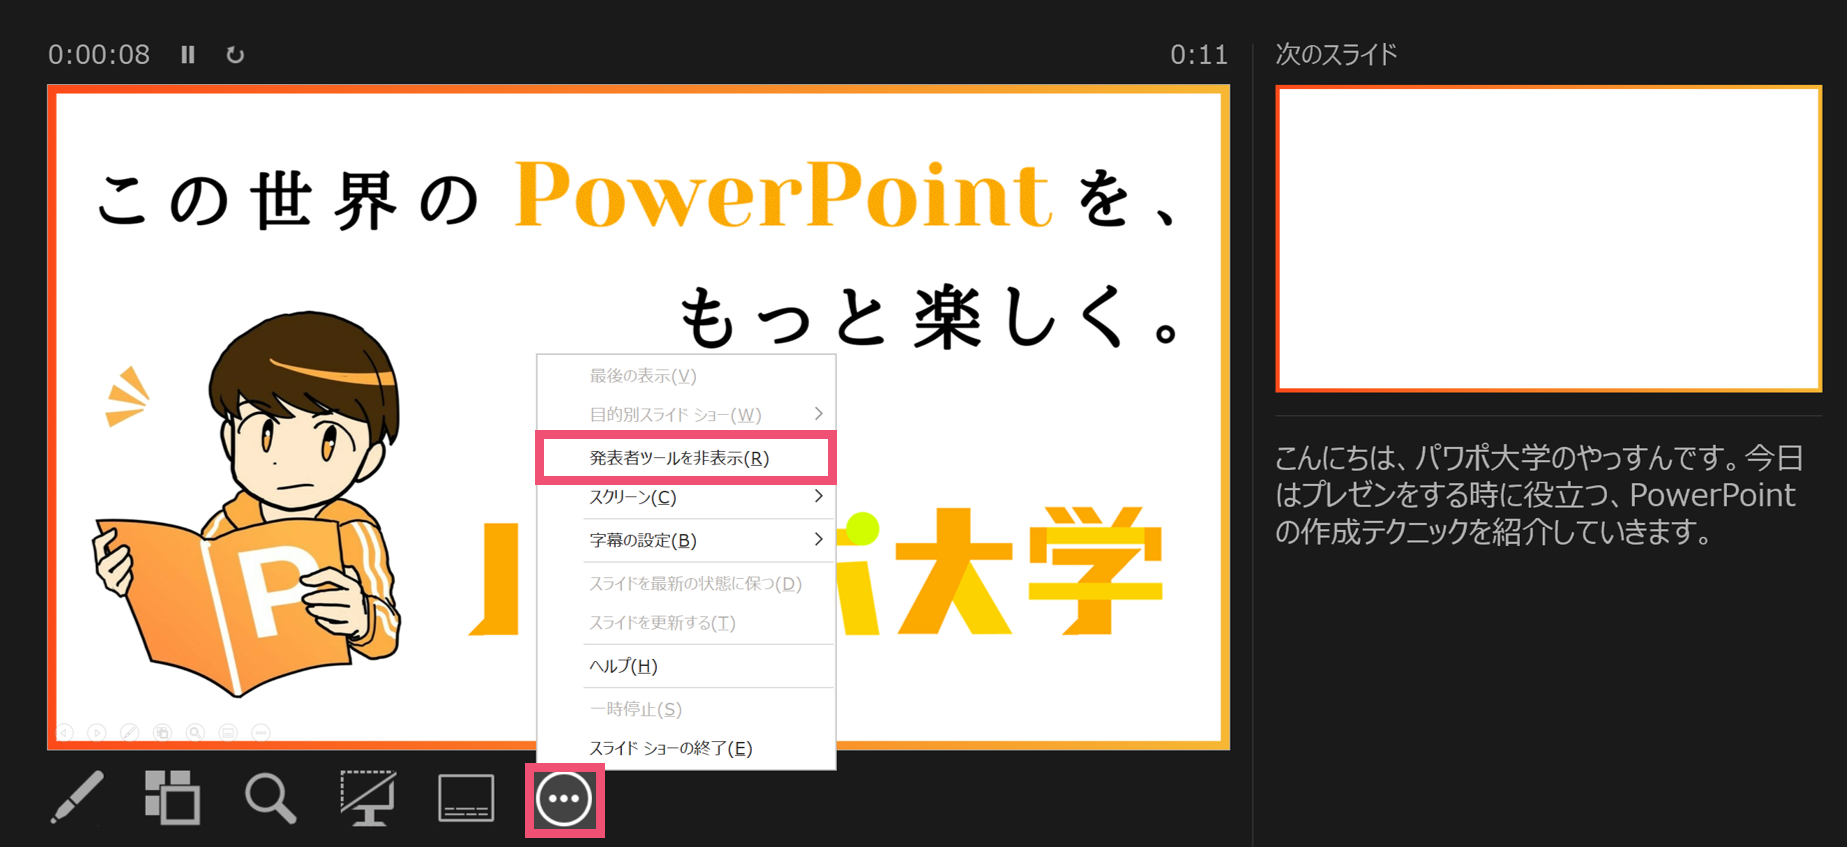 パワーポイントの発表者ツールを非表示にする